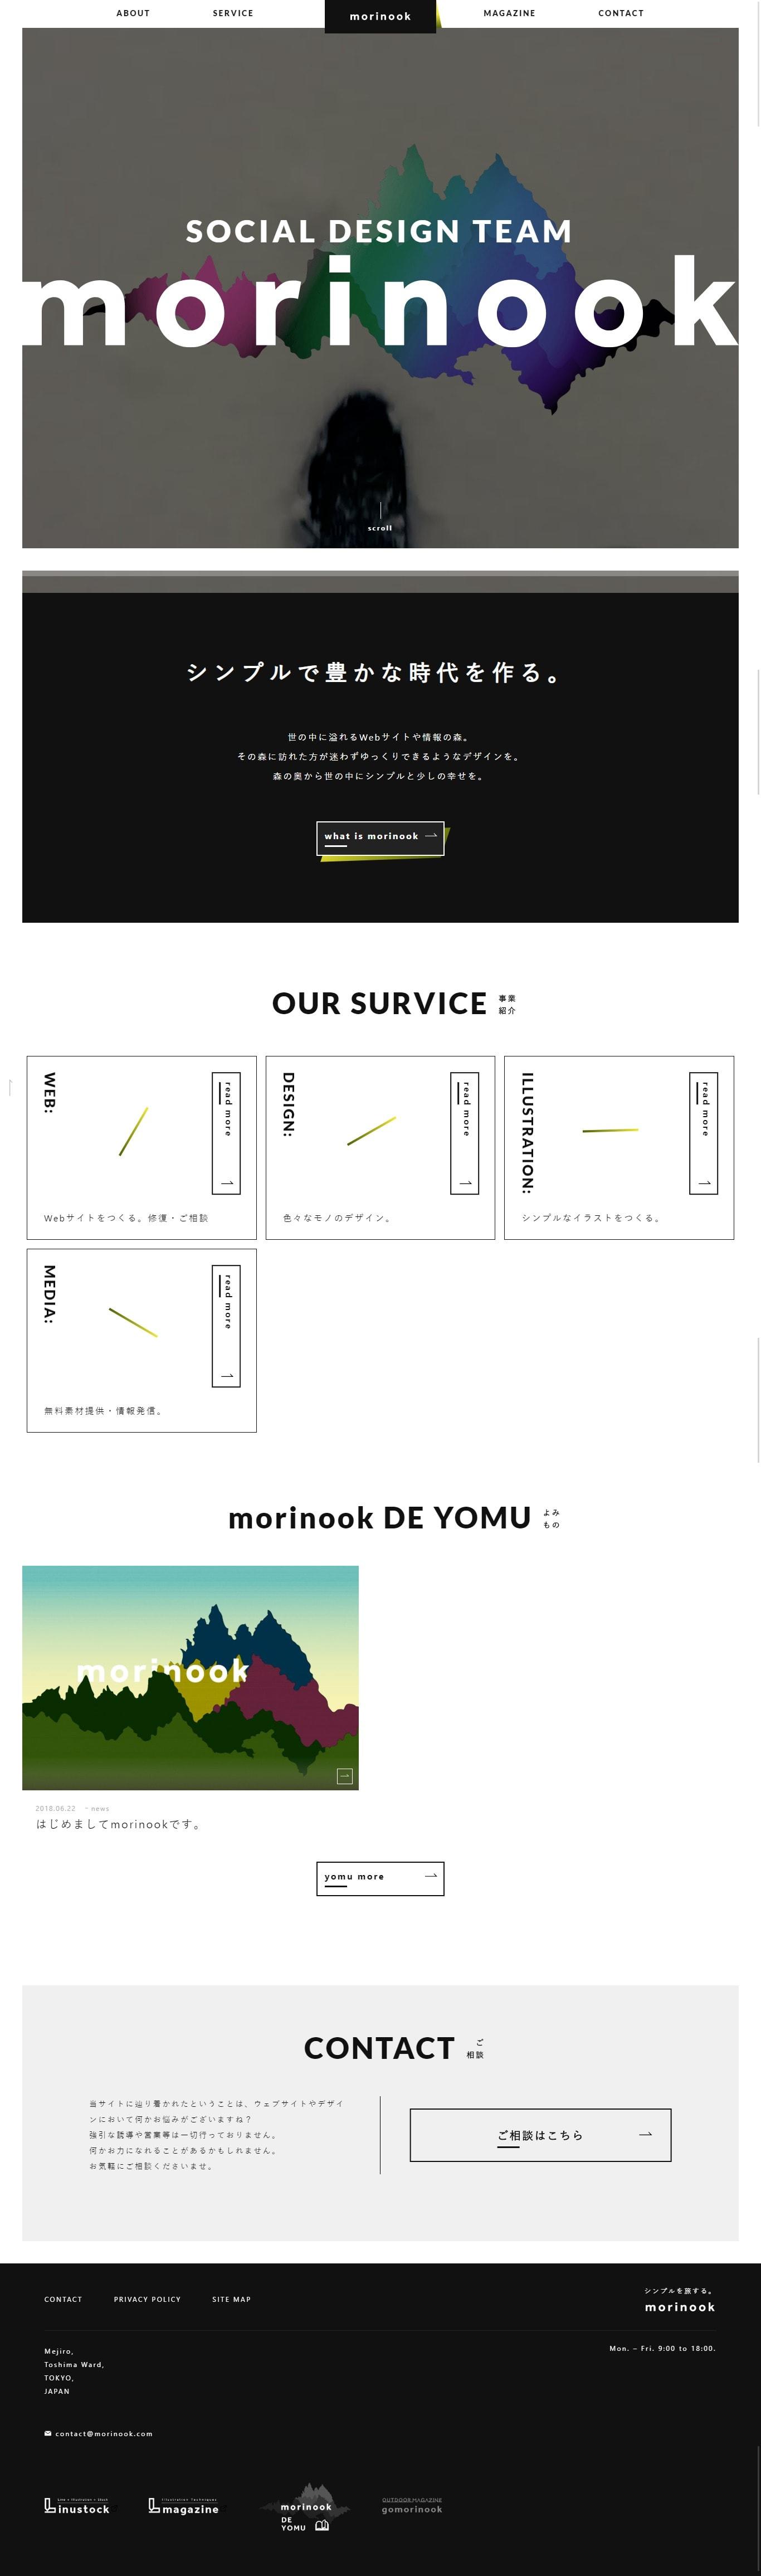 シンプルでおしゃれで使いやすいイラスト制作はmorinook